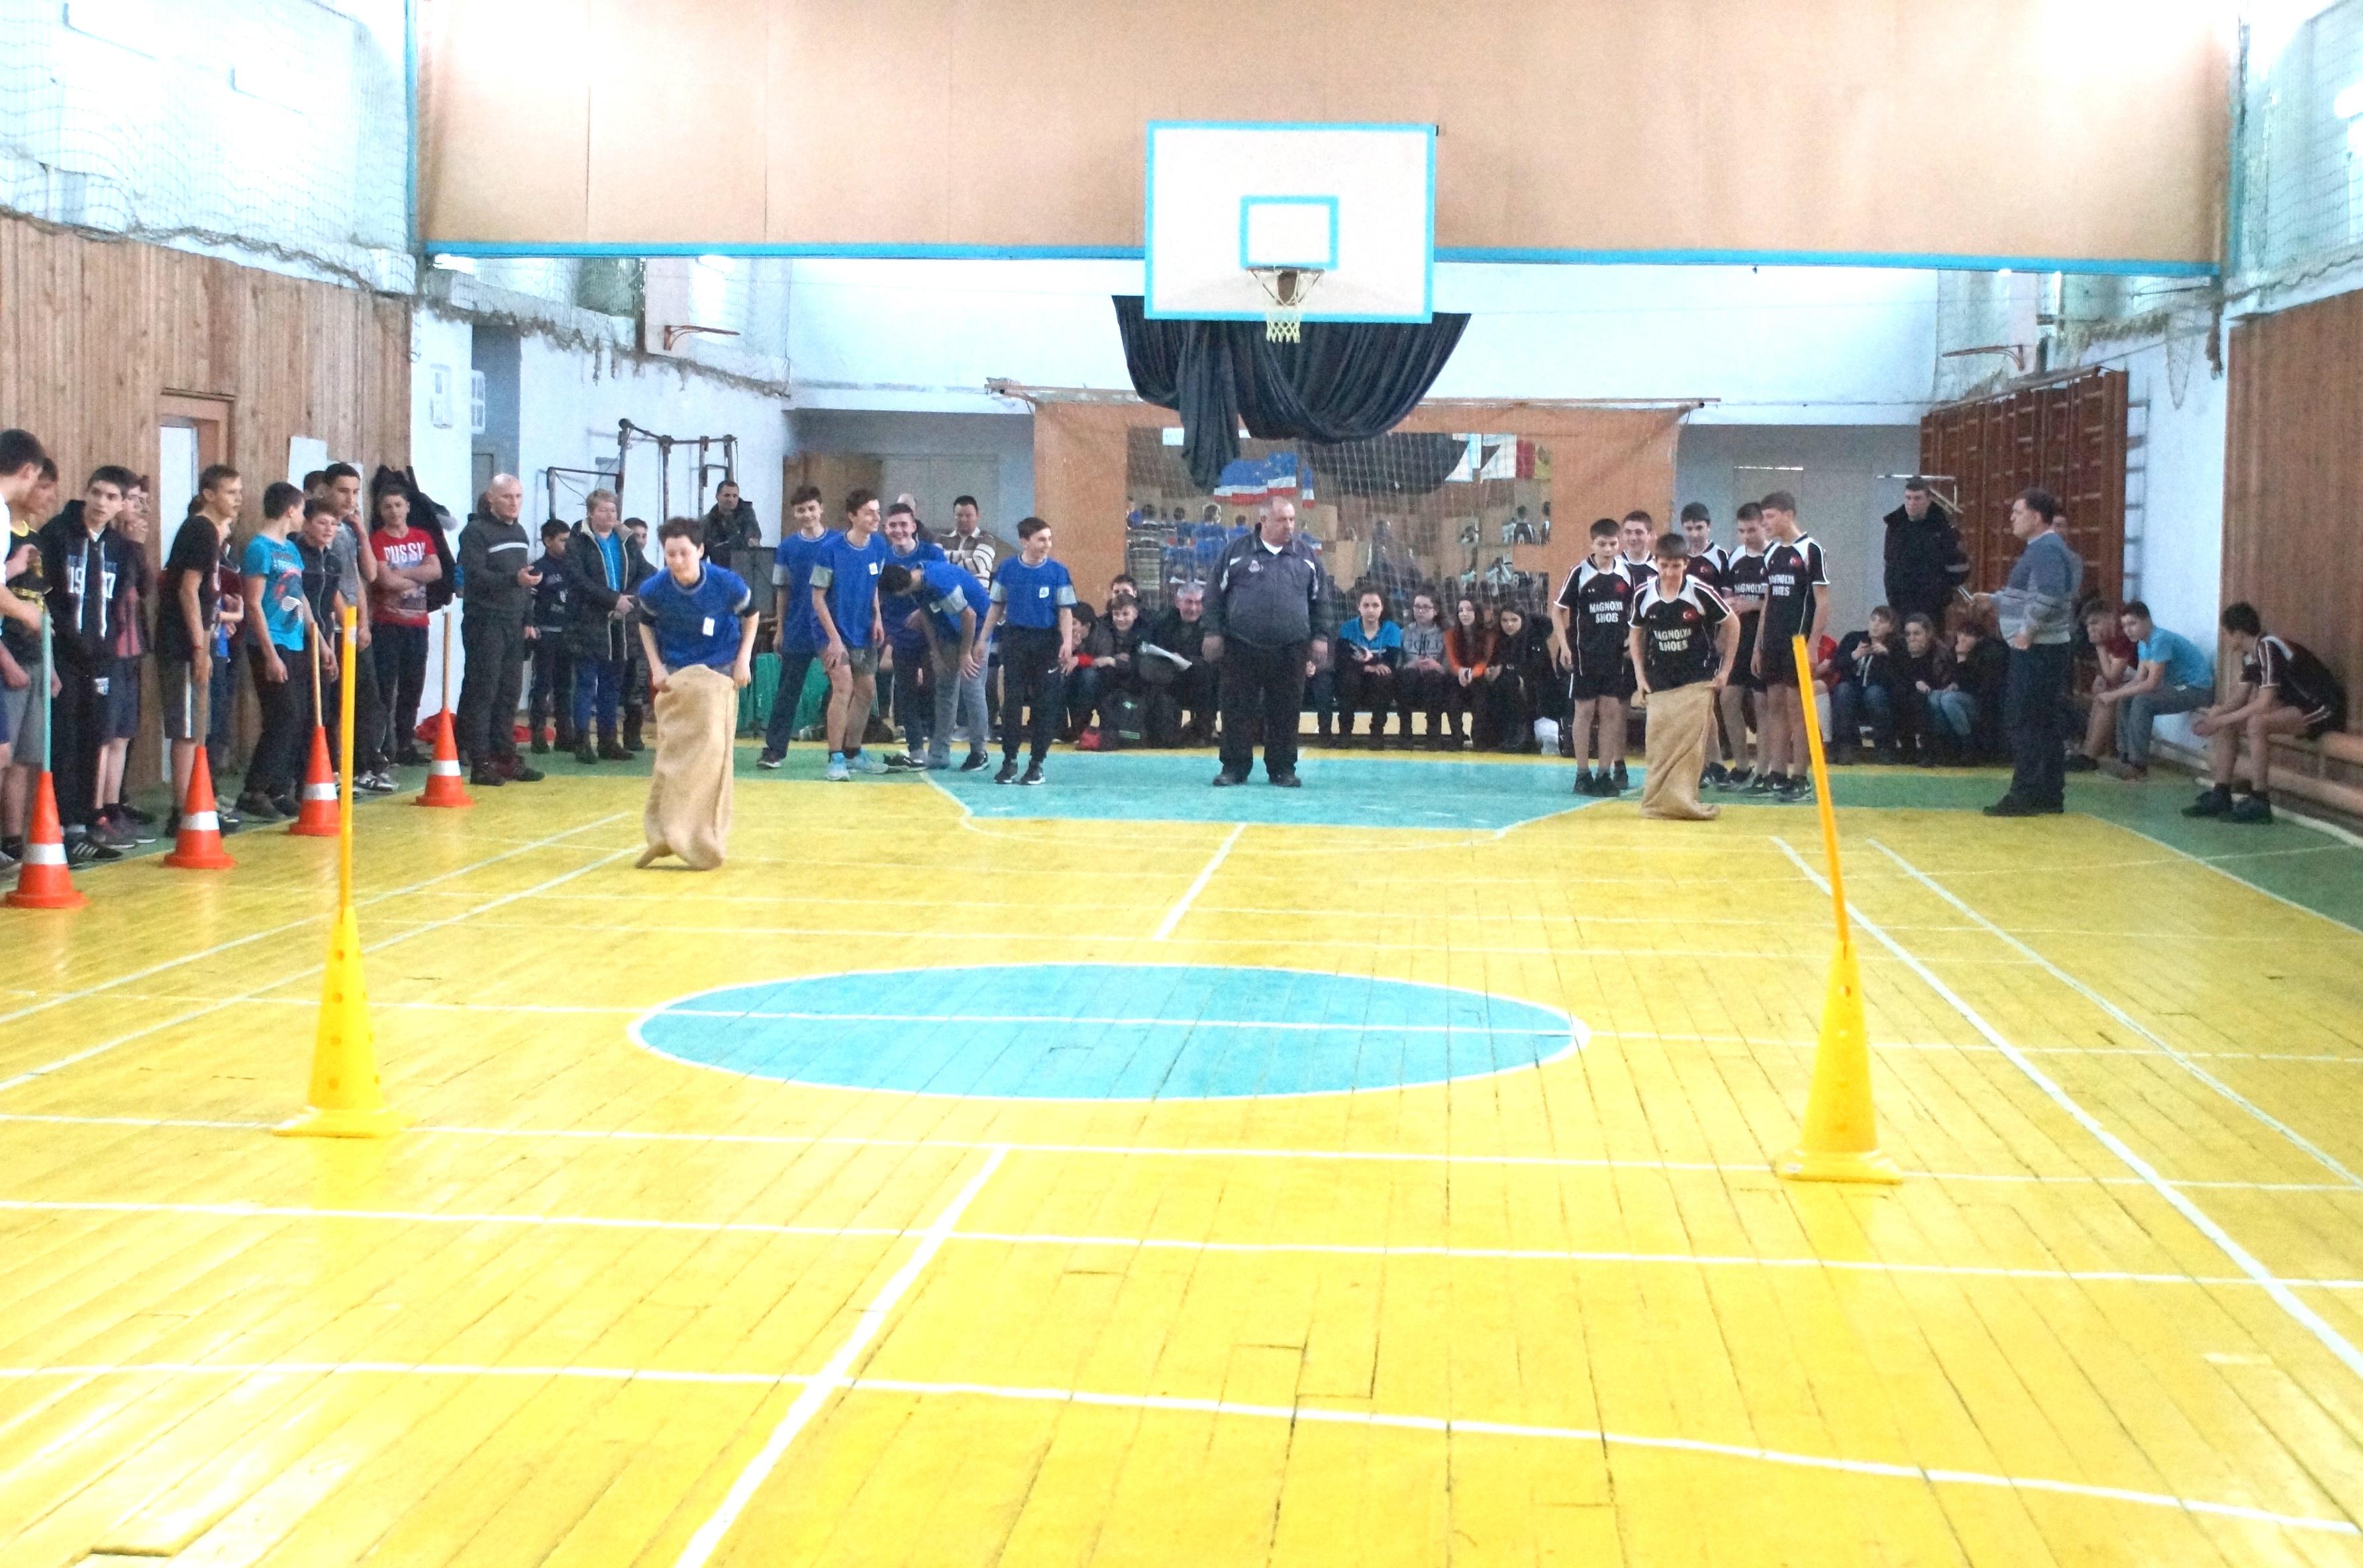 Все команды-участницы спортивного мероприятия  «Мы - парни бравые» удостоены наград от примэрии Комрата